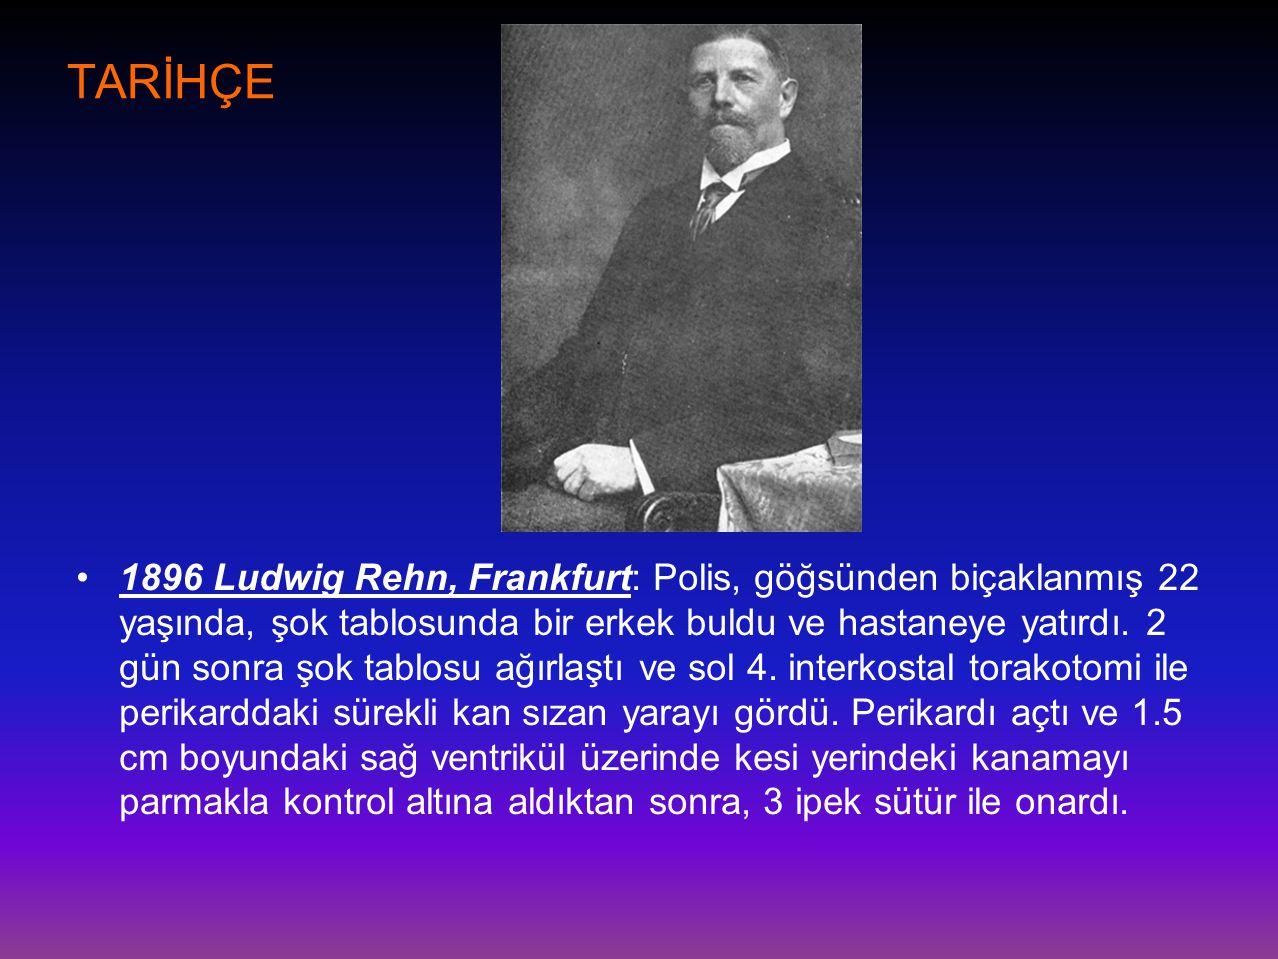 TARİHÇE •1896 Ludwig Rehn, Frankfurt: Polis, göğsünden biçaklanmış 22 yaşında, şok tablosunda bir erkek buldu ve hastaneye yatırdı. 2 gün sonra şok ta